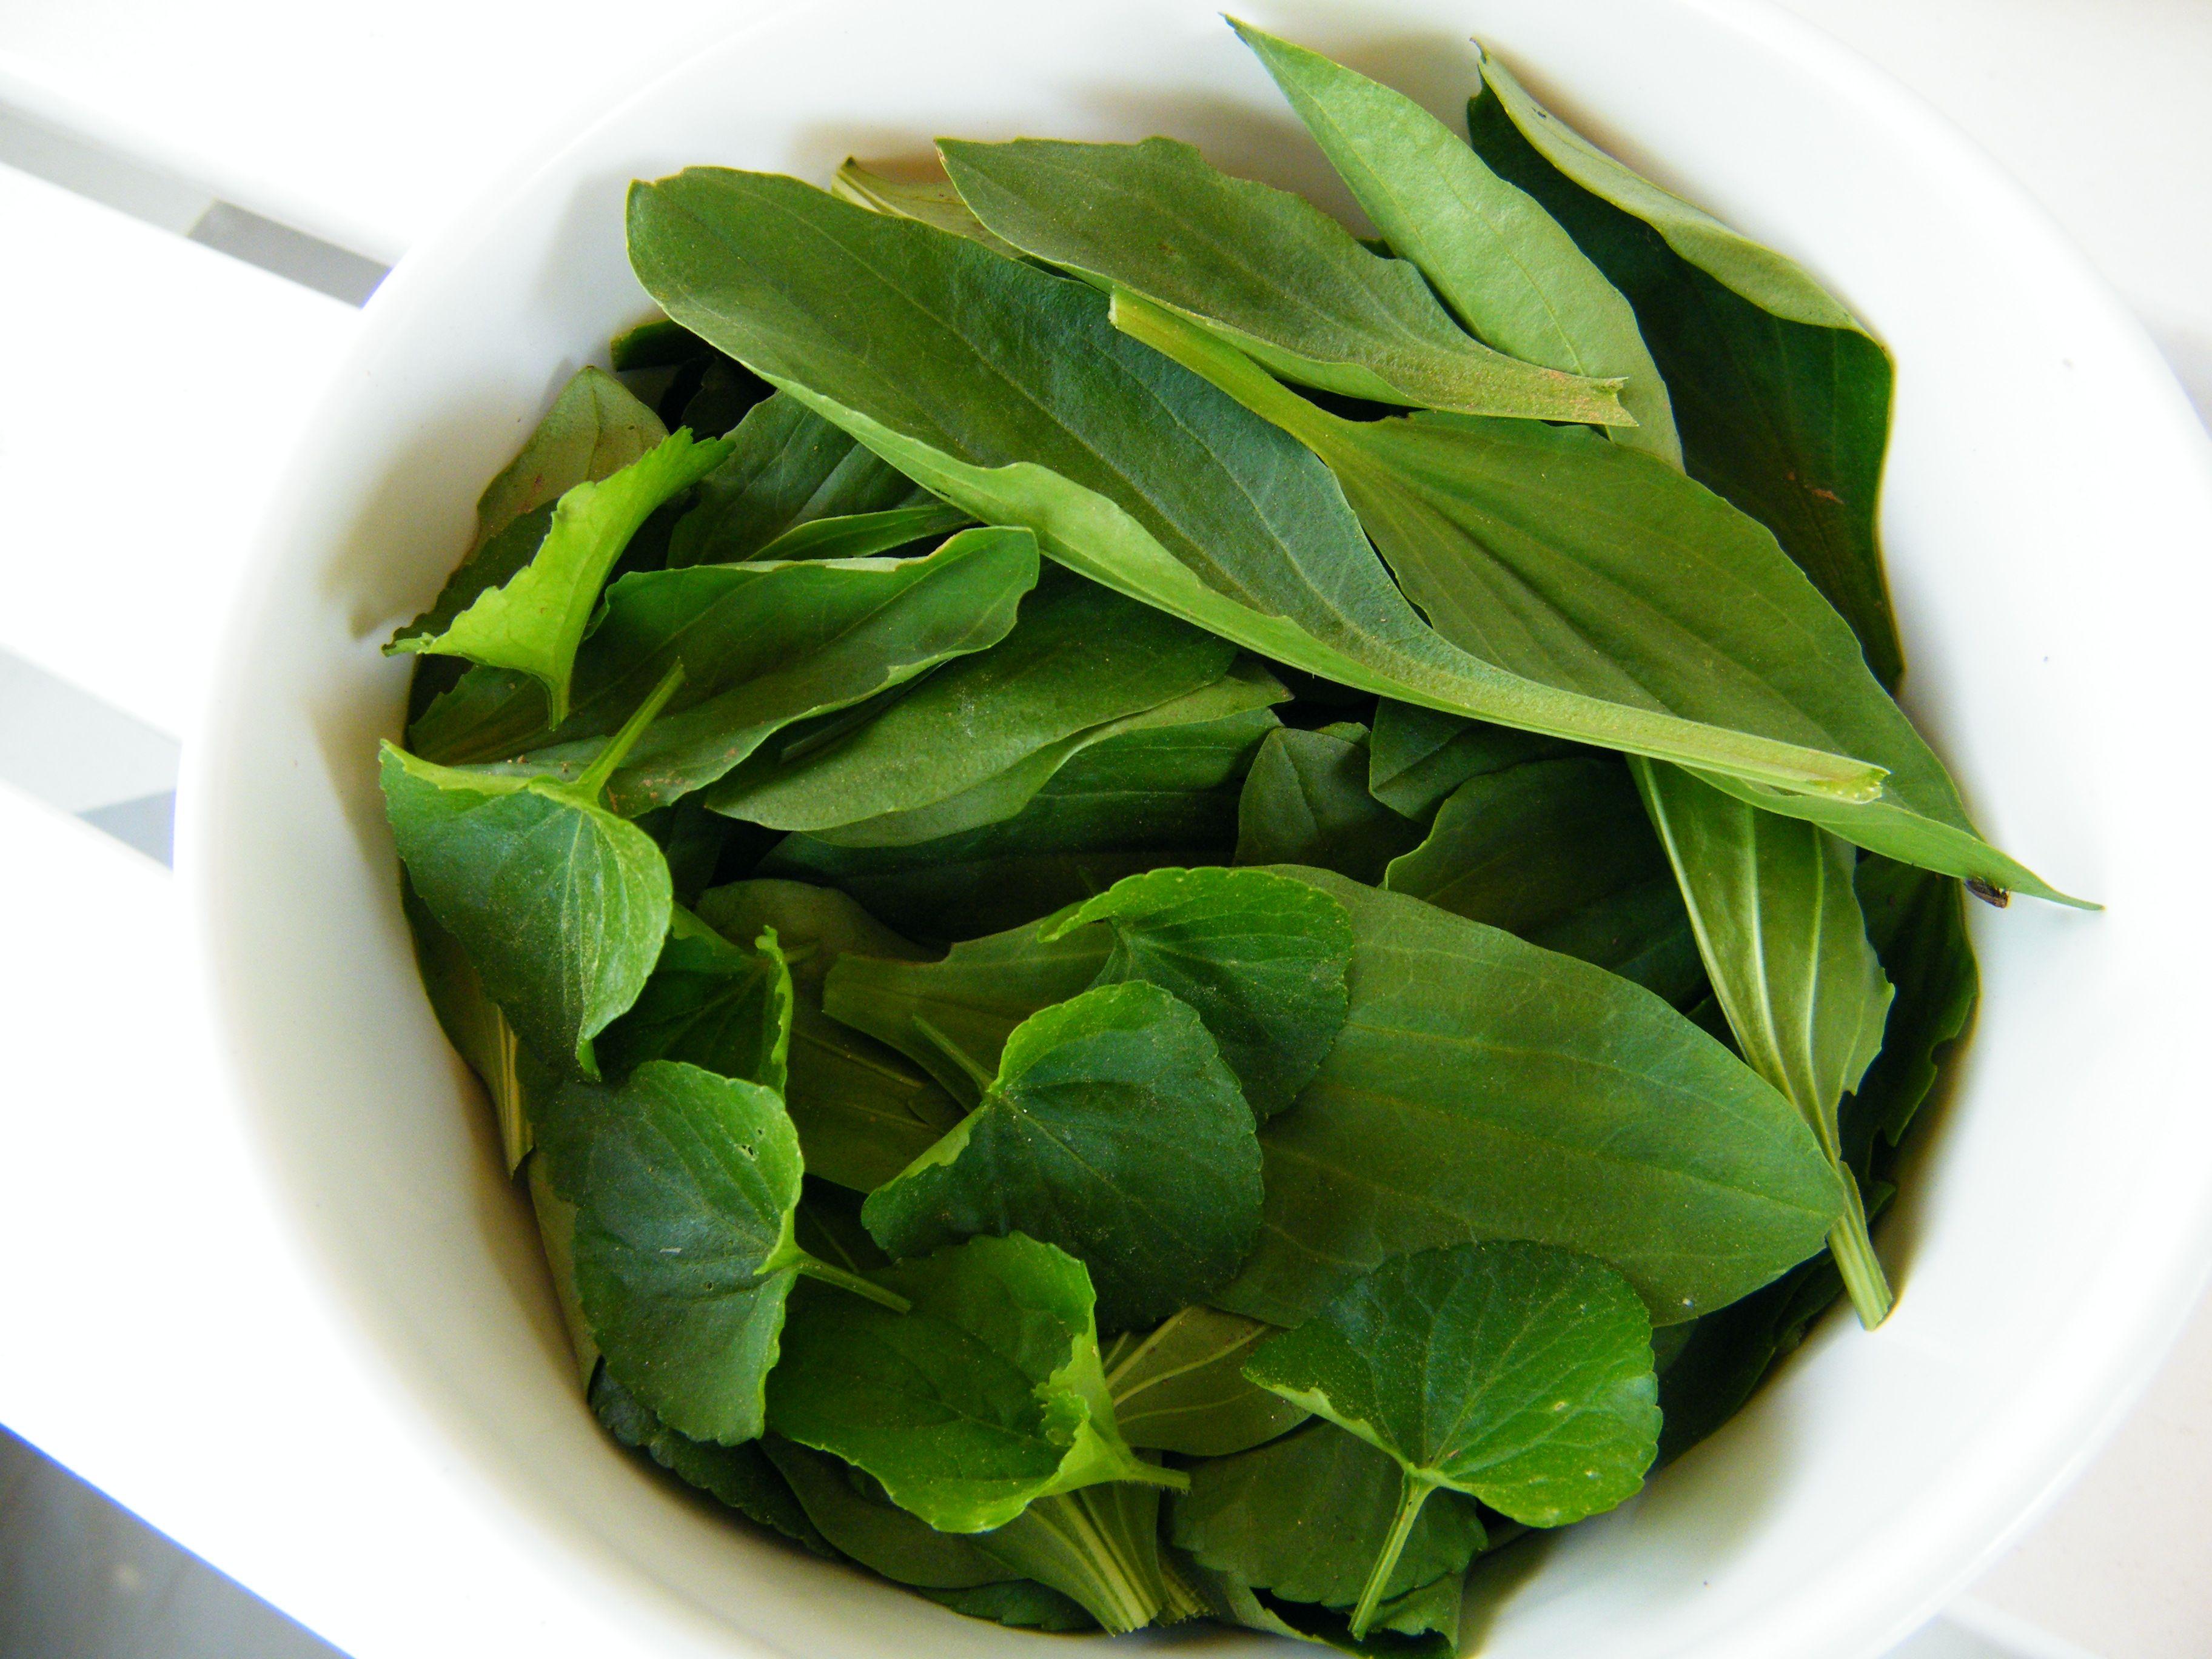 Najczęściej stosowanych roślin leczniczych środków i ich wykorzystania przedstawiono poniżej;